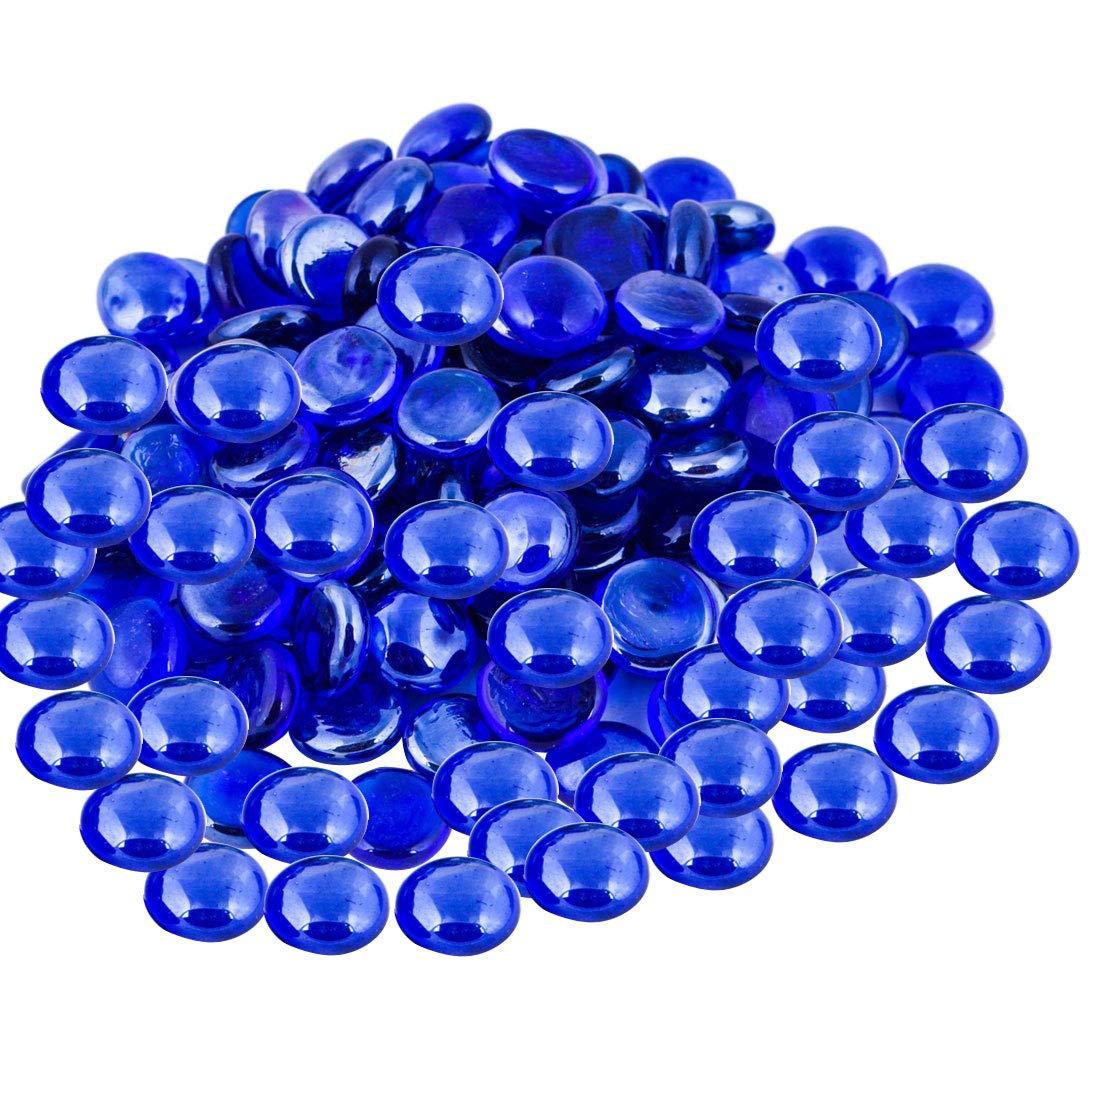 ARSUK Galets de Verre pour Aquarium et de D/écoration de Bleu Couleur 500/Gm